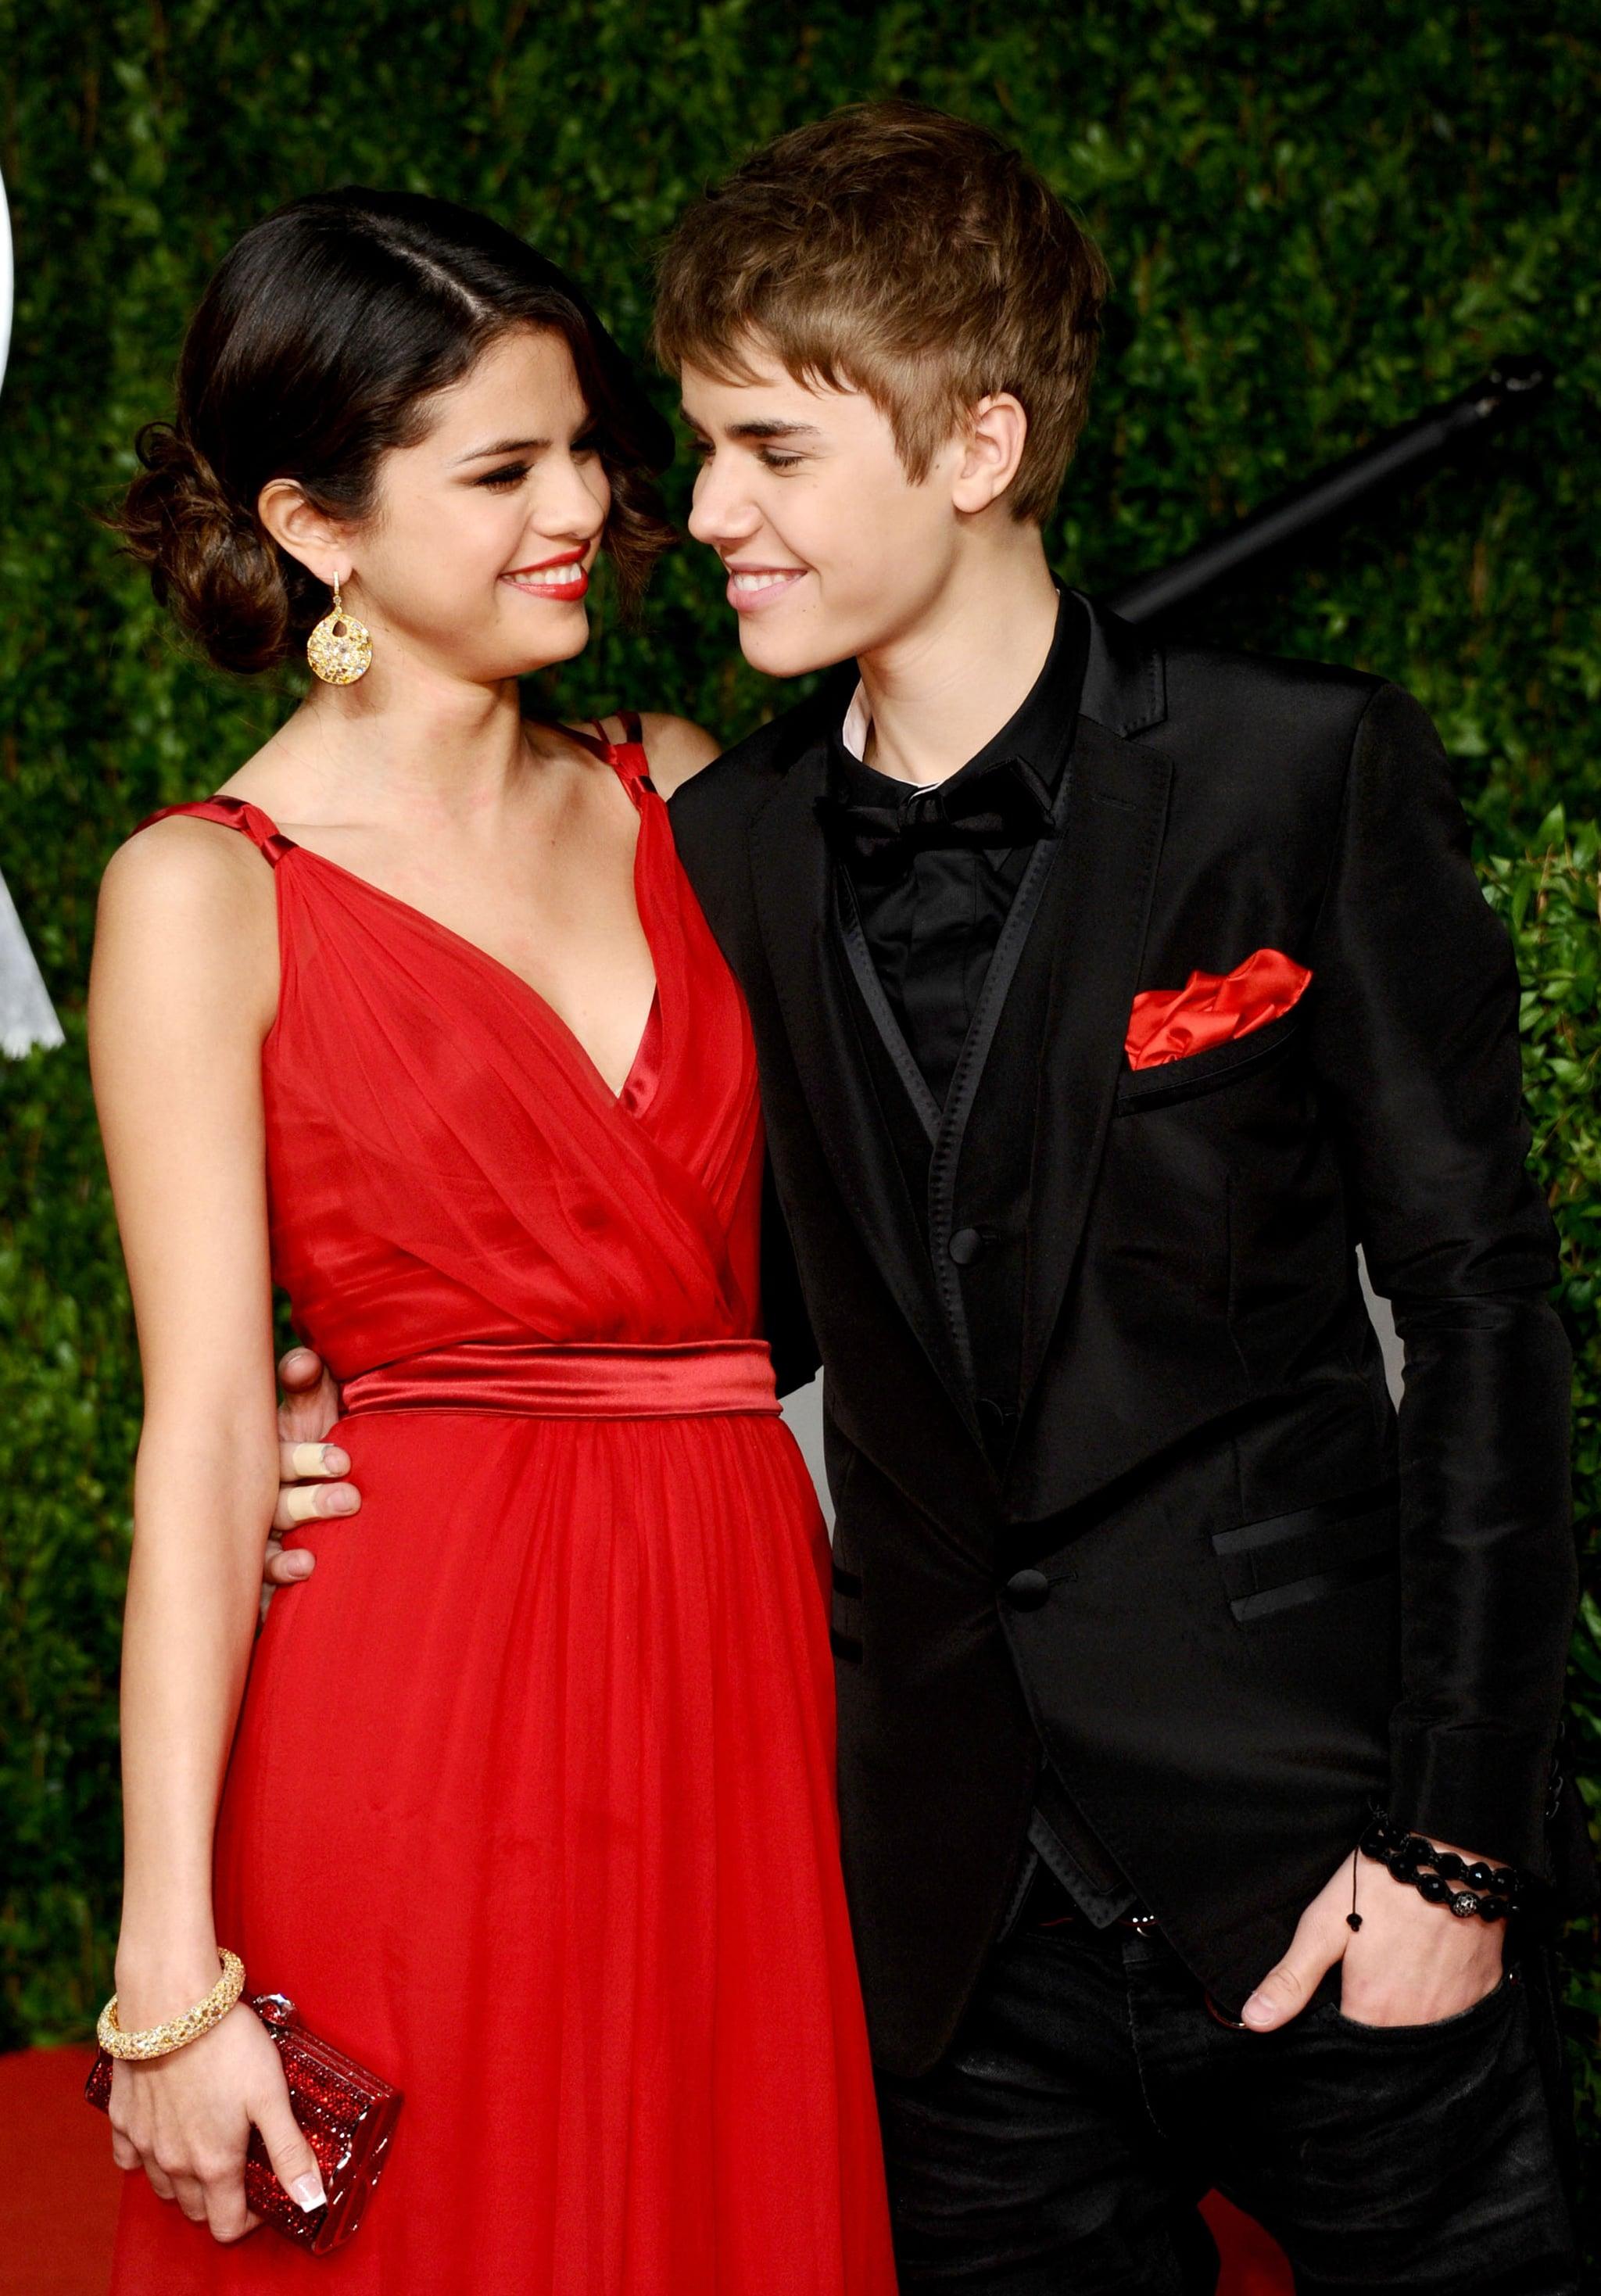 Selena Gomez and Justin Bieber Relationship Timeline ...